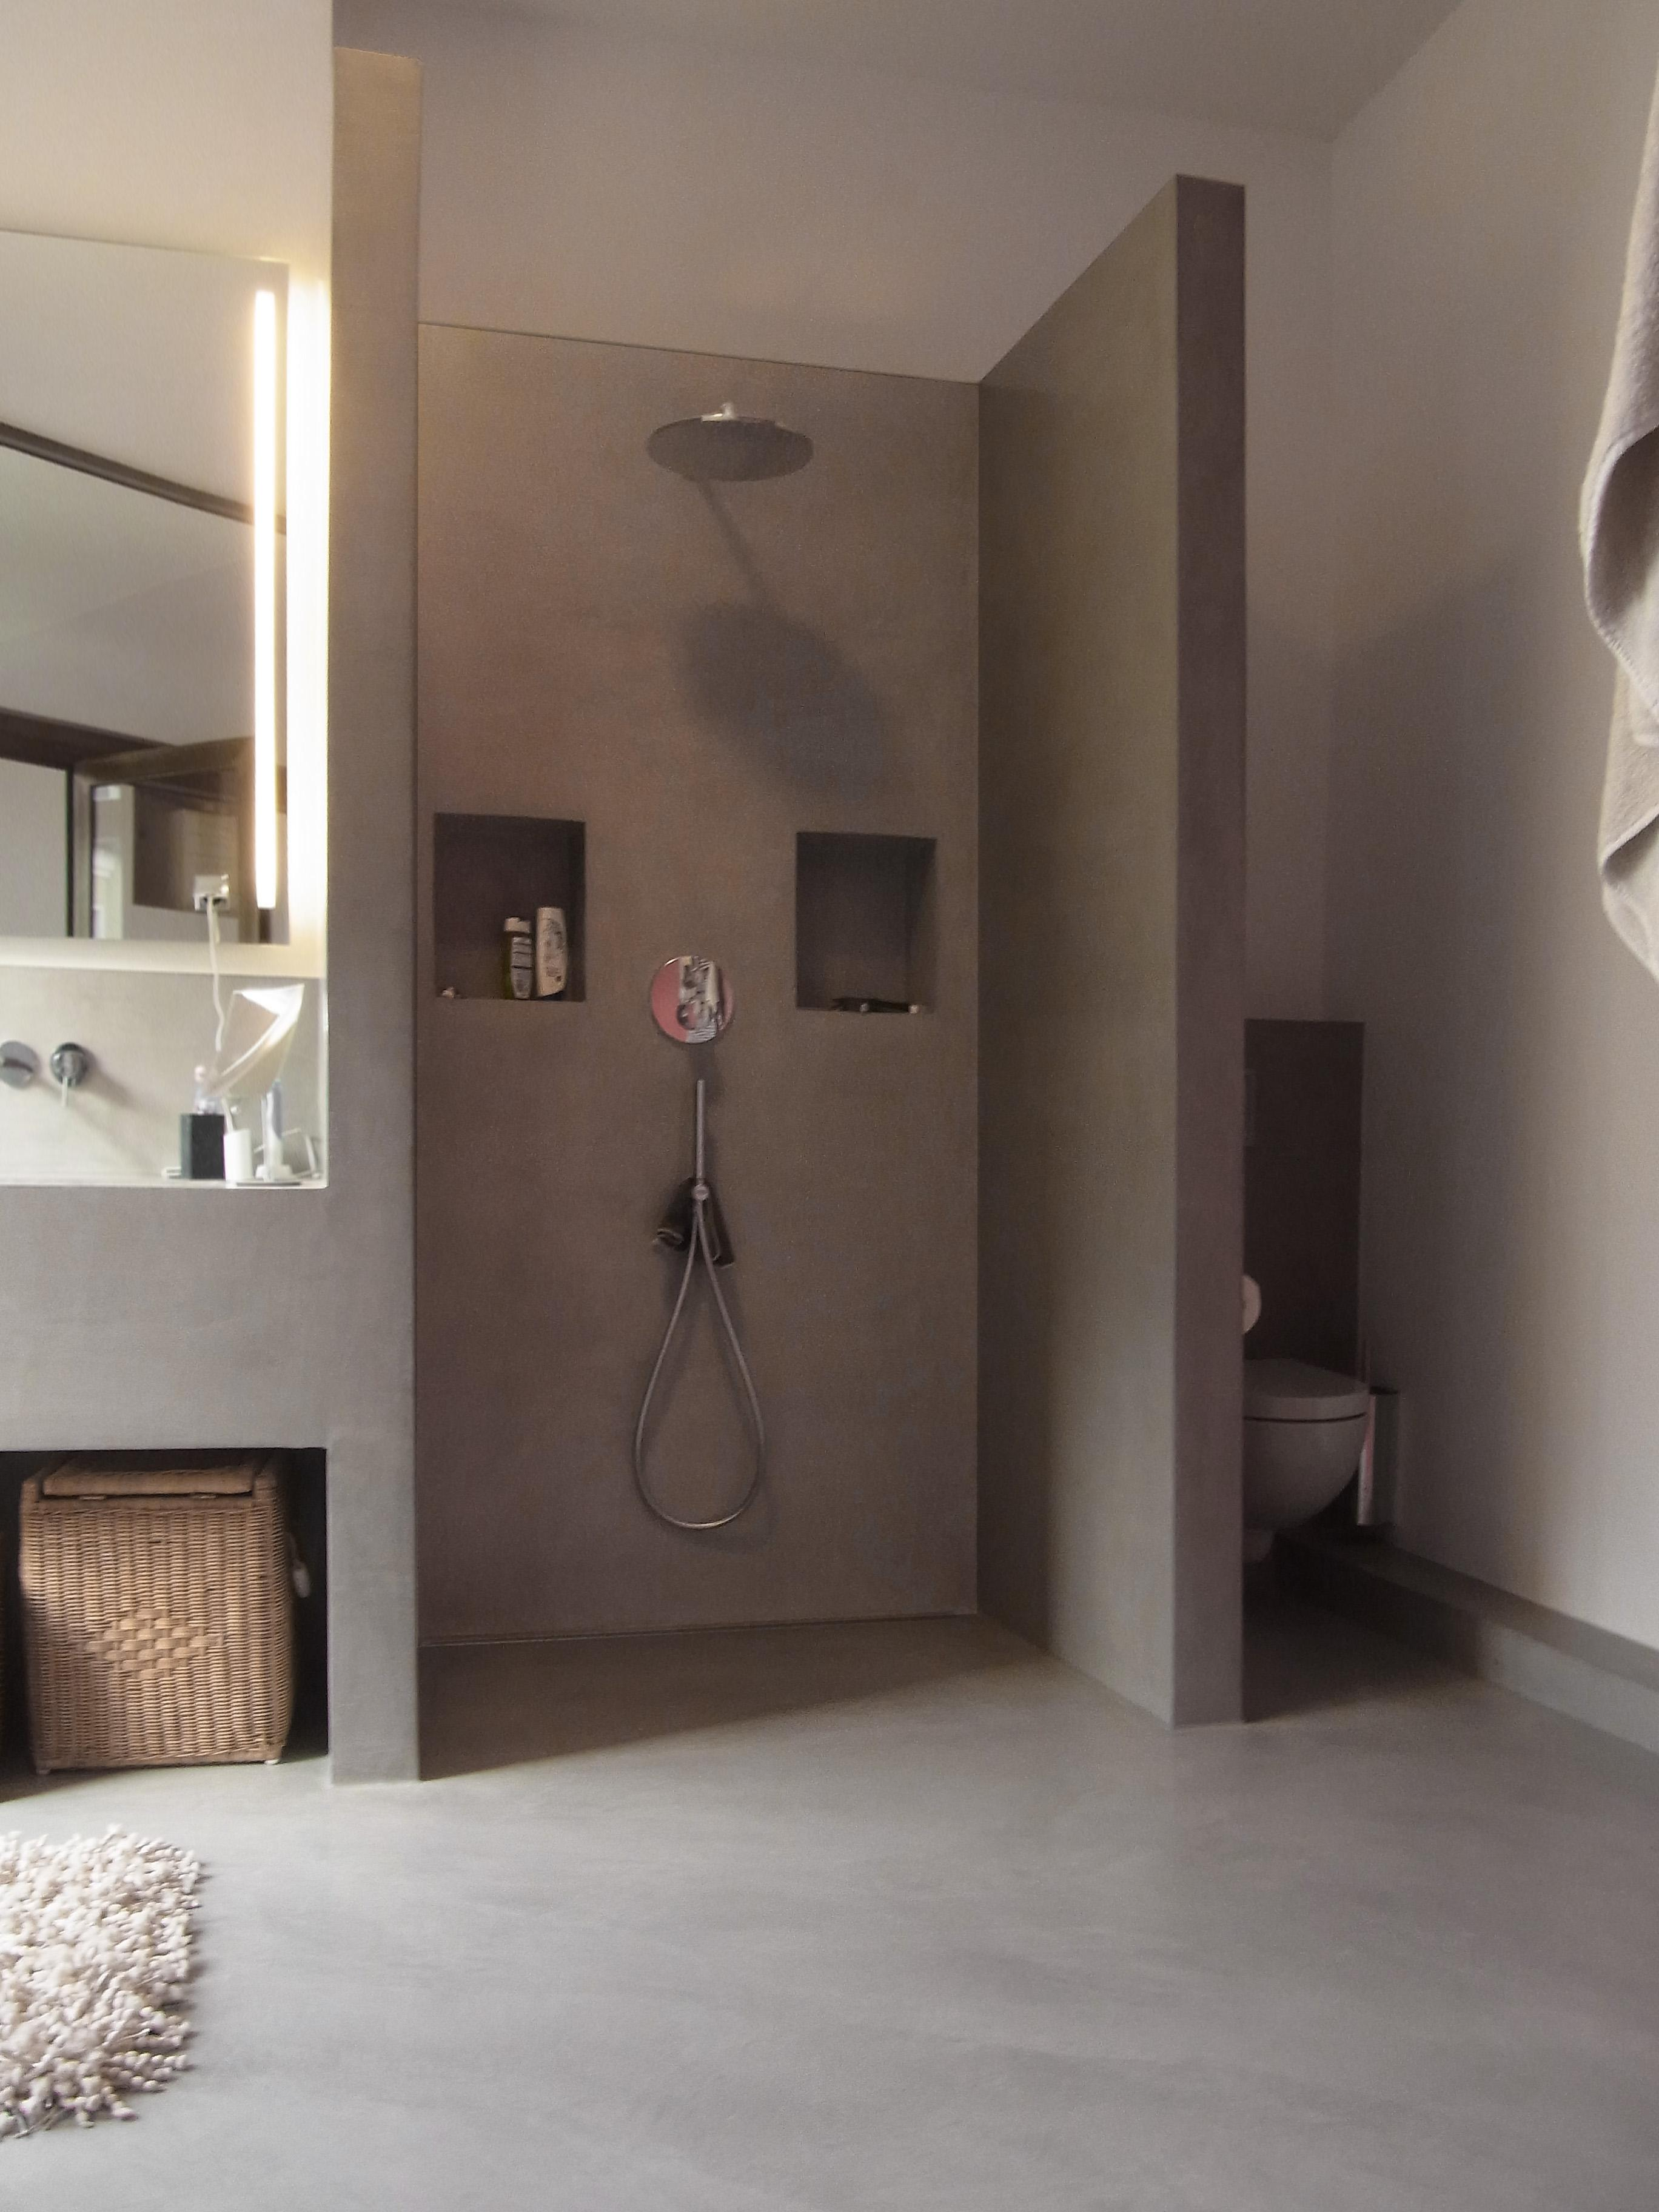 Offenes Badezimmer #offenesbadezimmer #betonwaschtisch #betonciredusche  ©MEYLENSTEIN